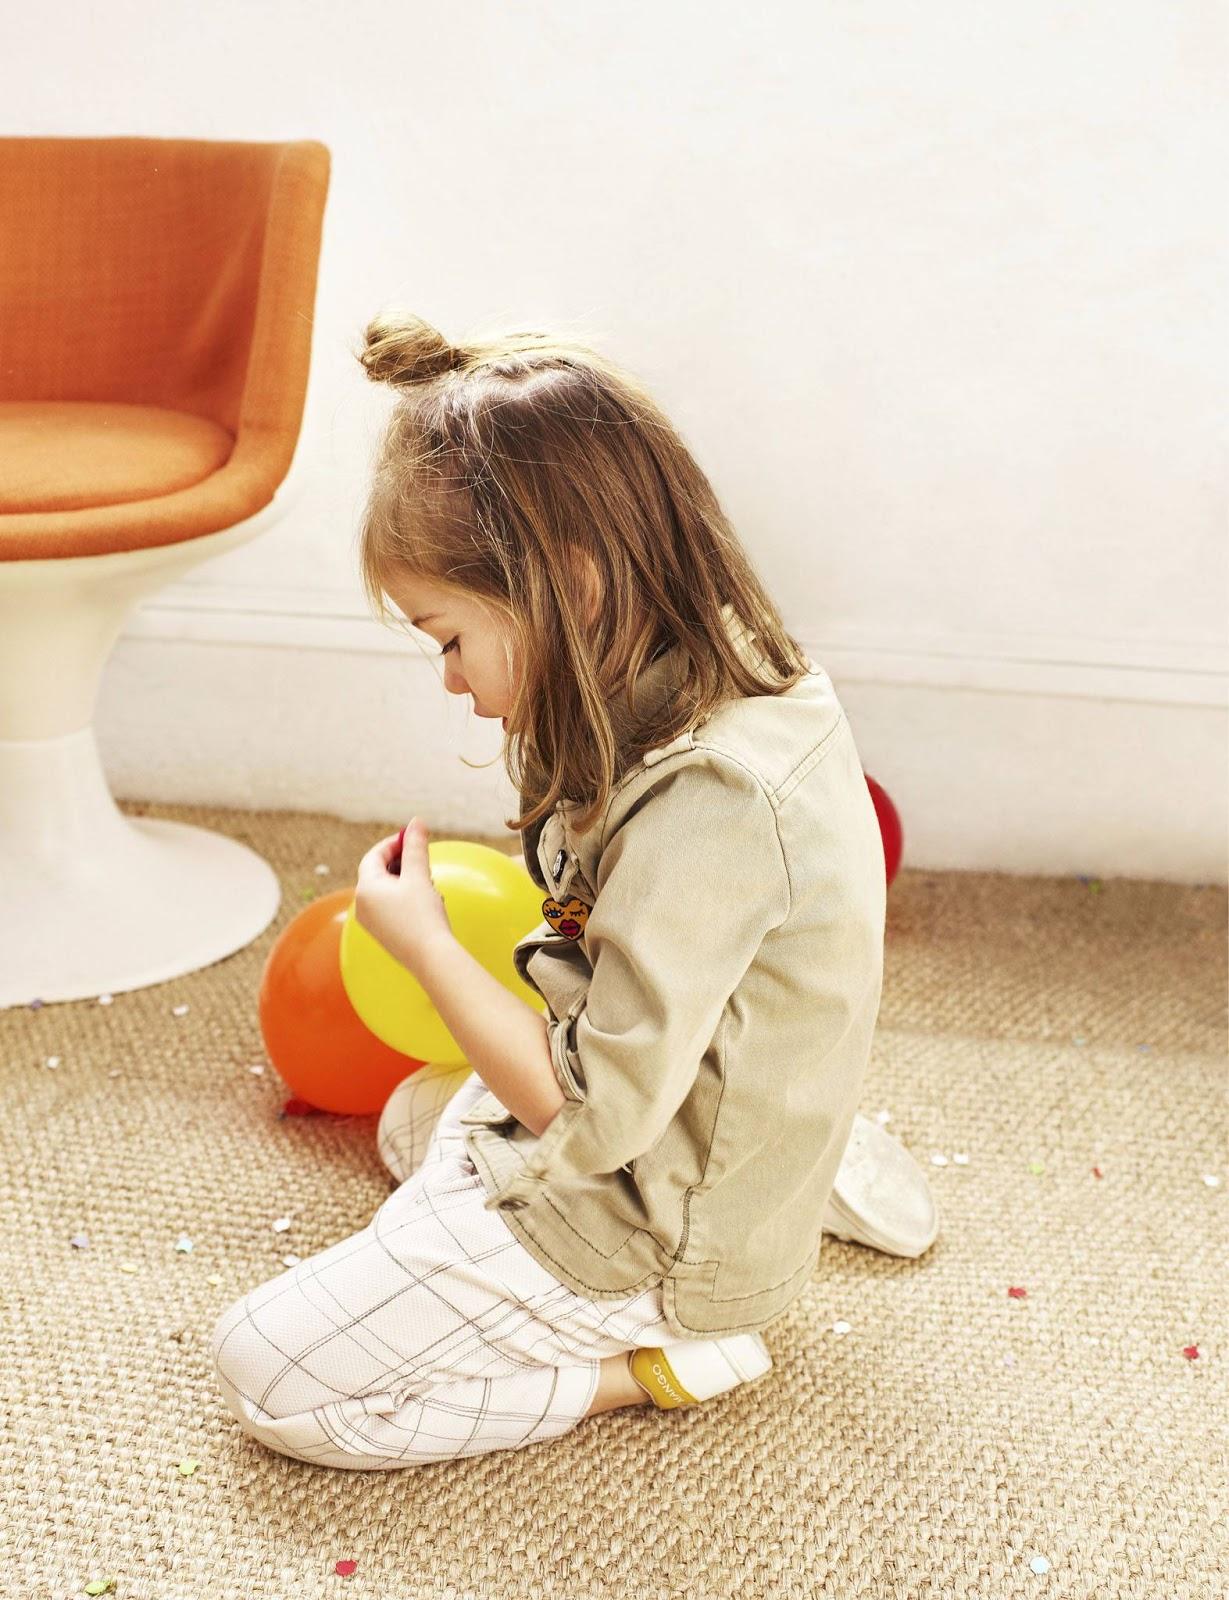 http://shop.mango.com/SK/kids/edits/home-alone#5